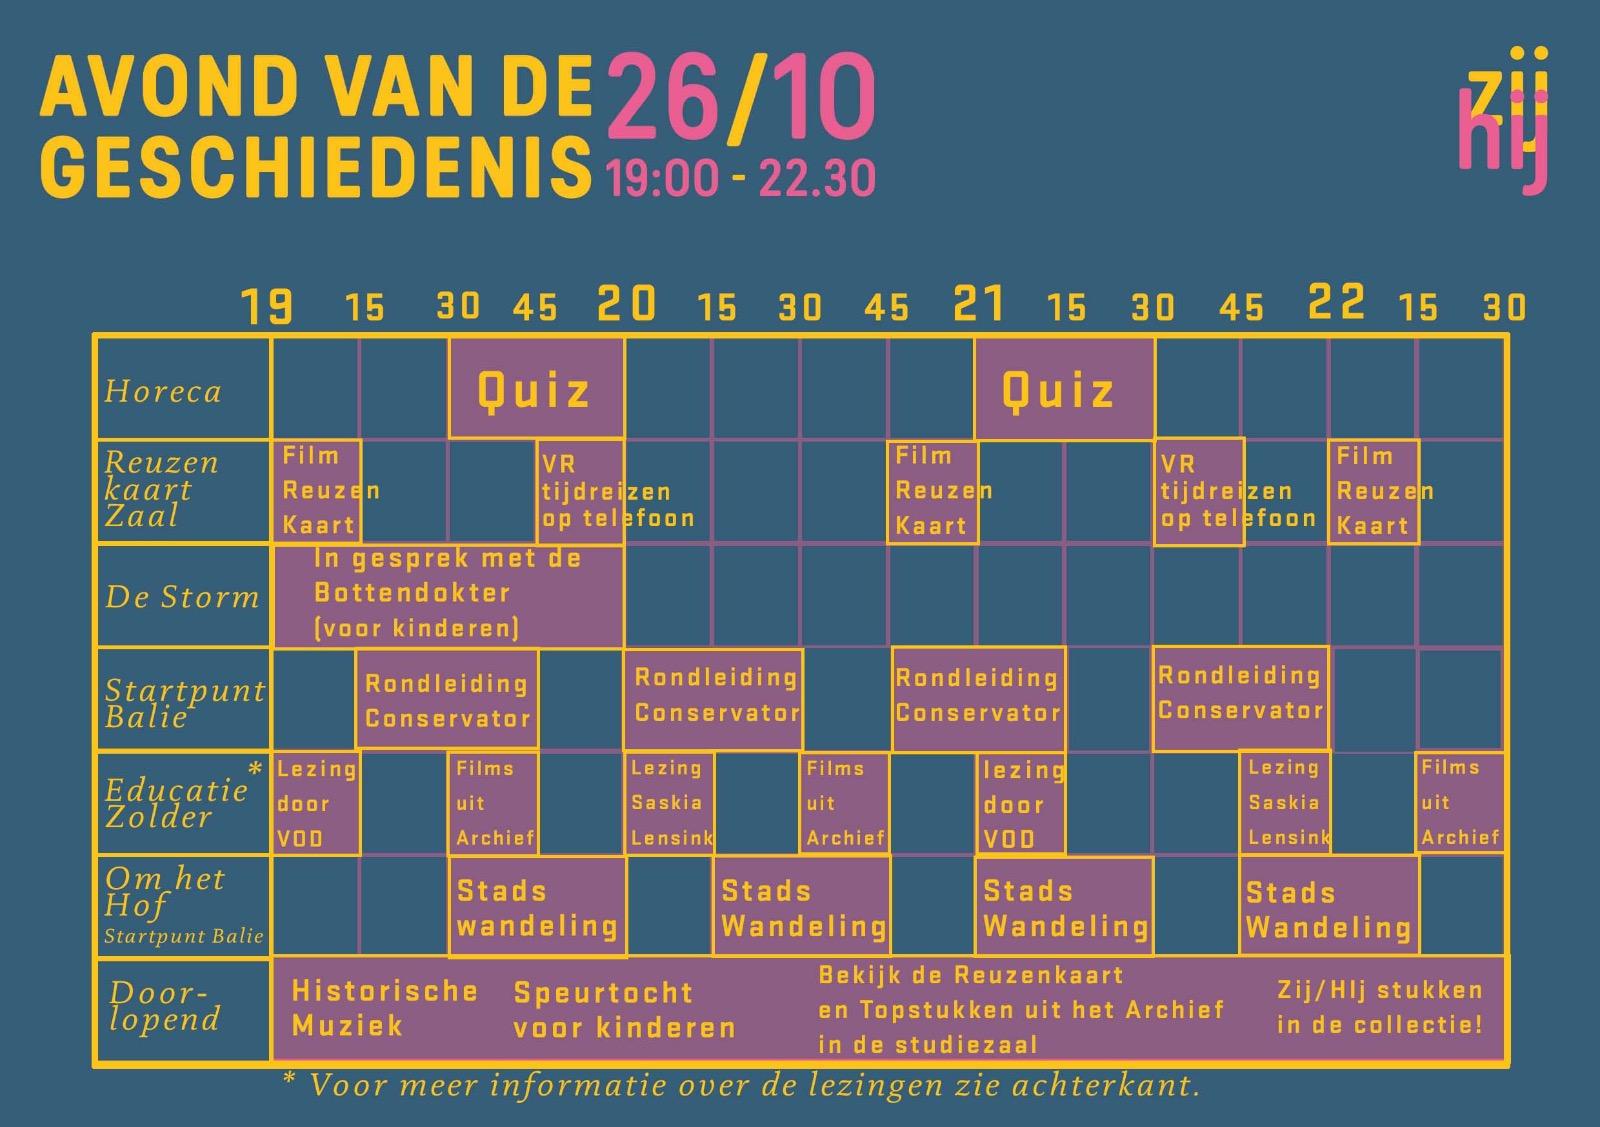 Programma_avond_van_de_geschiedenis_Dordrecht_2019